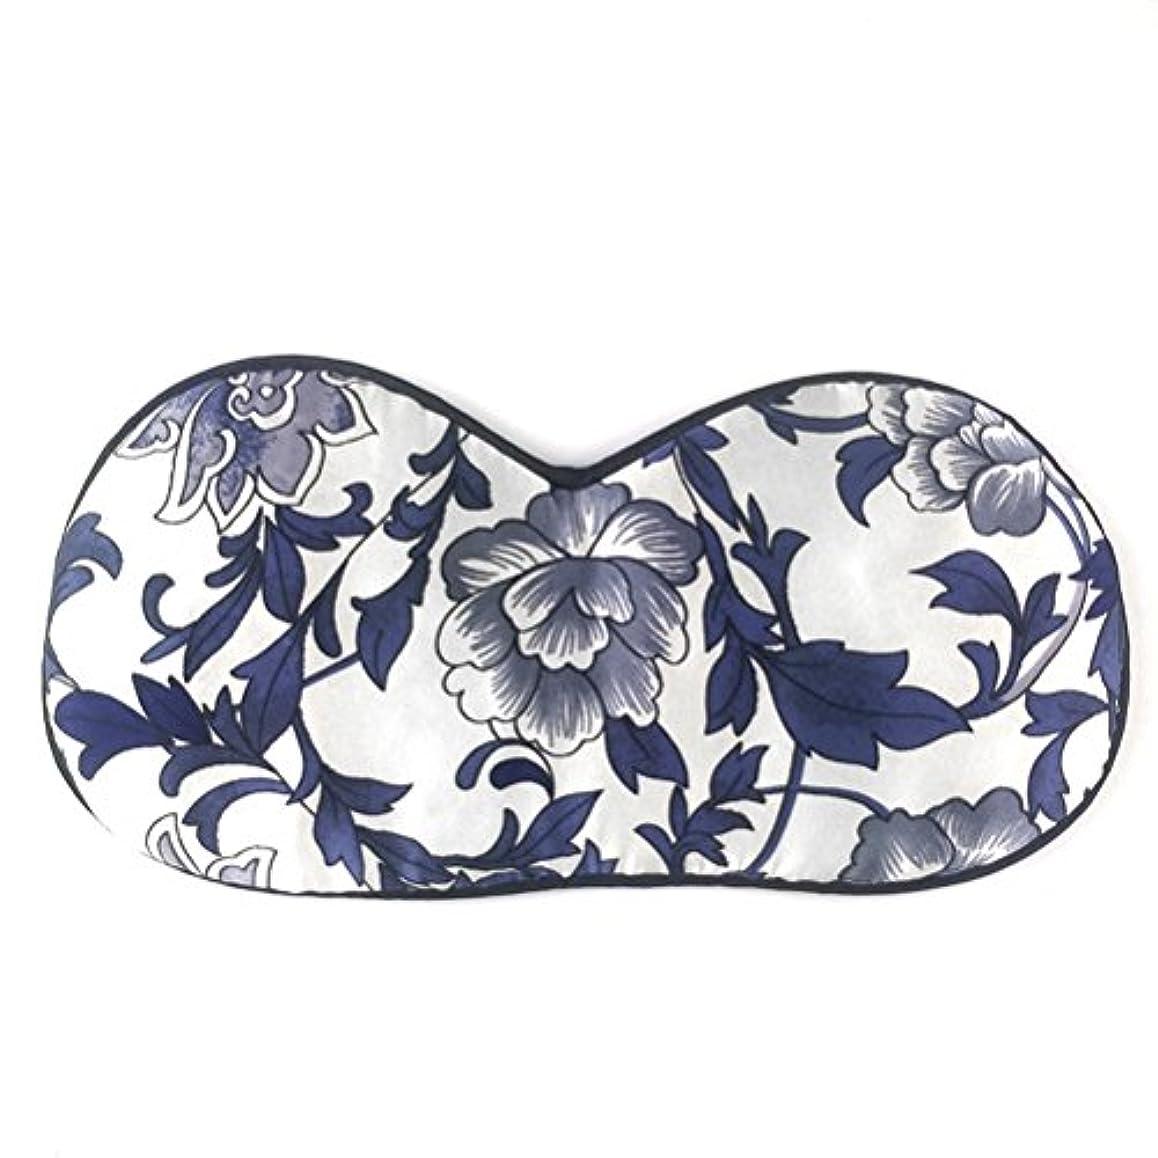 期限着服フクロウULTNICE シルク睡眠の目のマスク目隠しのアイシャドウ女性のための睡眠の昼寝の瞑想(青と白の磁器)